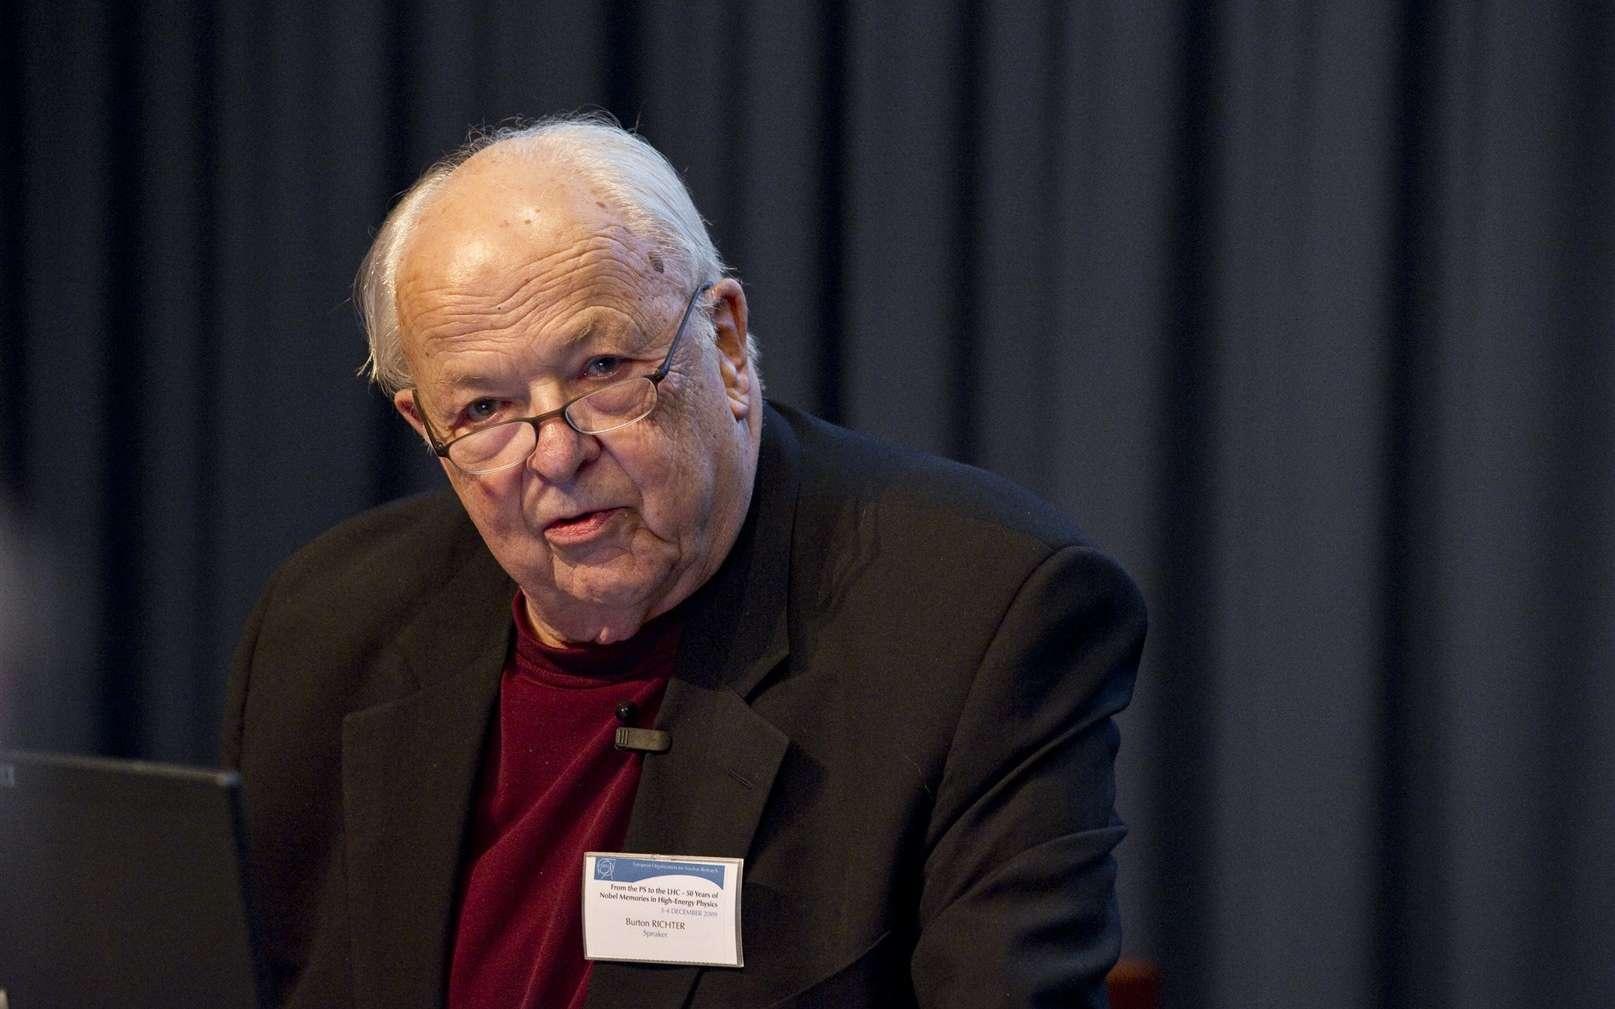 Burton Richter, l'un des découvreurs du quark charmé, est décédé. © Cern